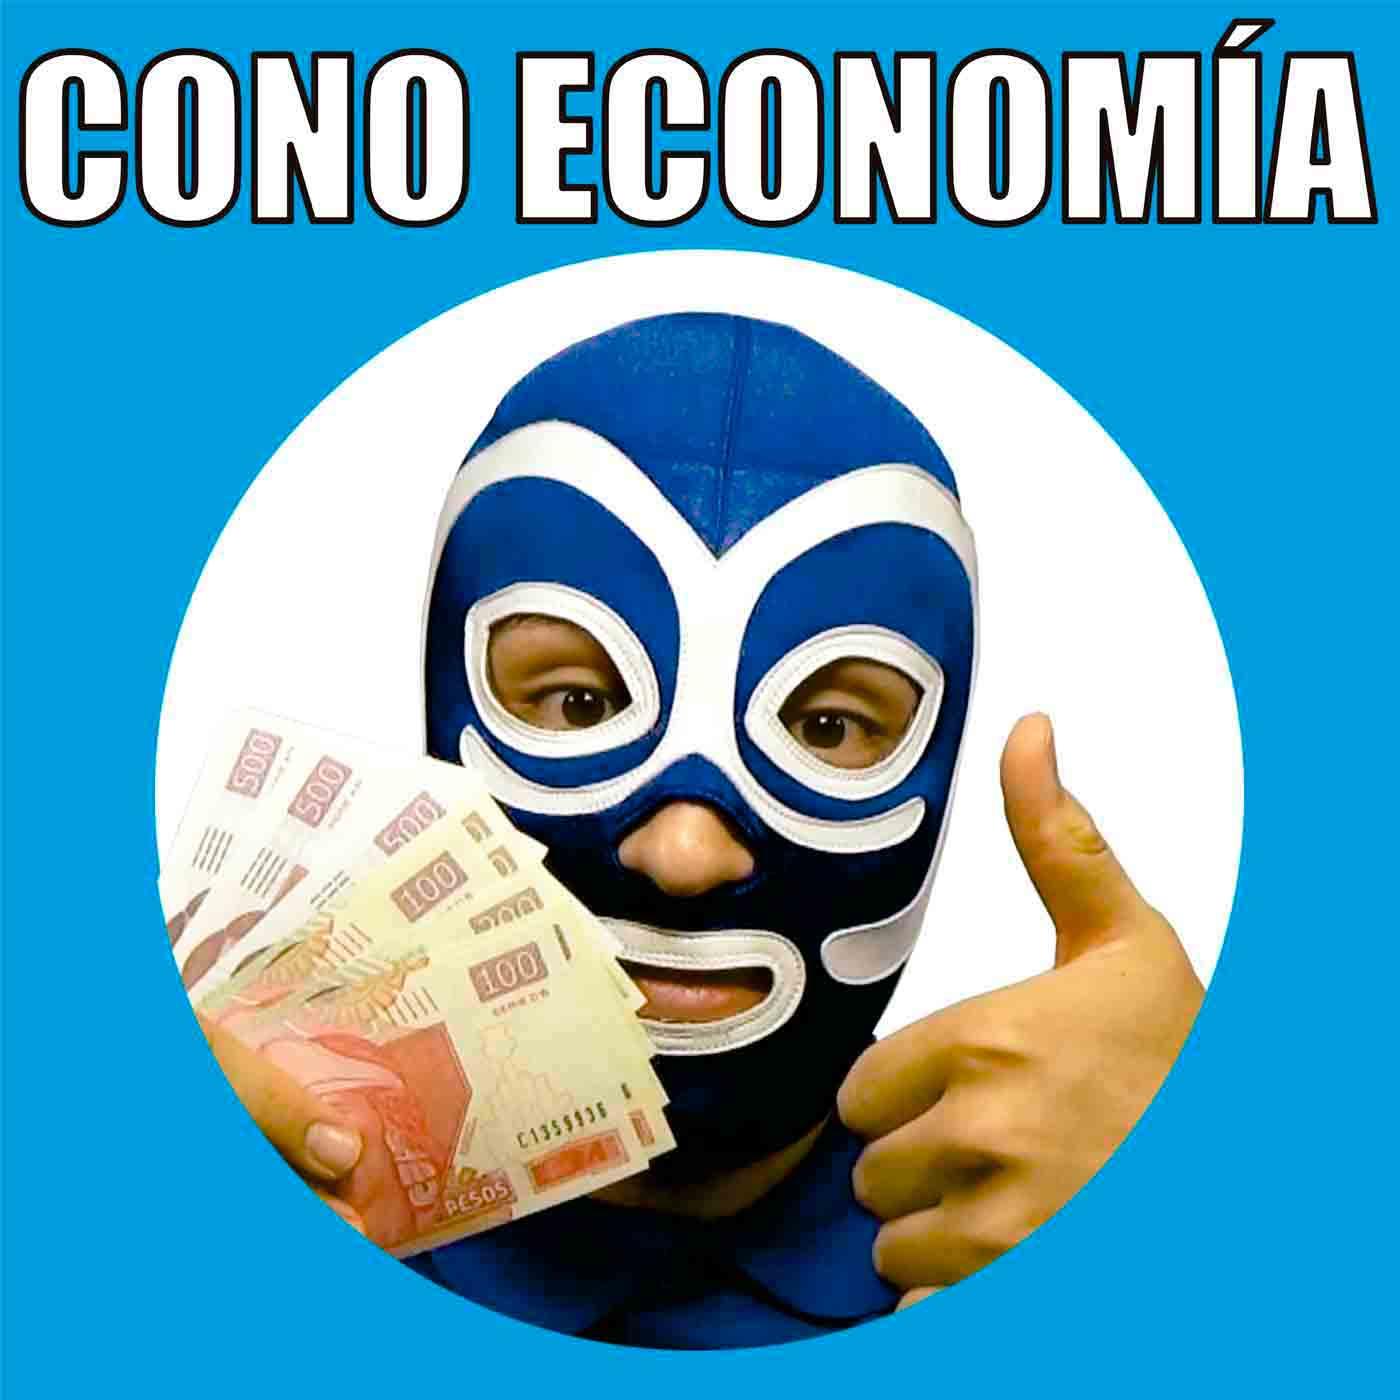 Podcast – Cono Economía